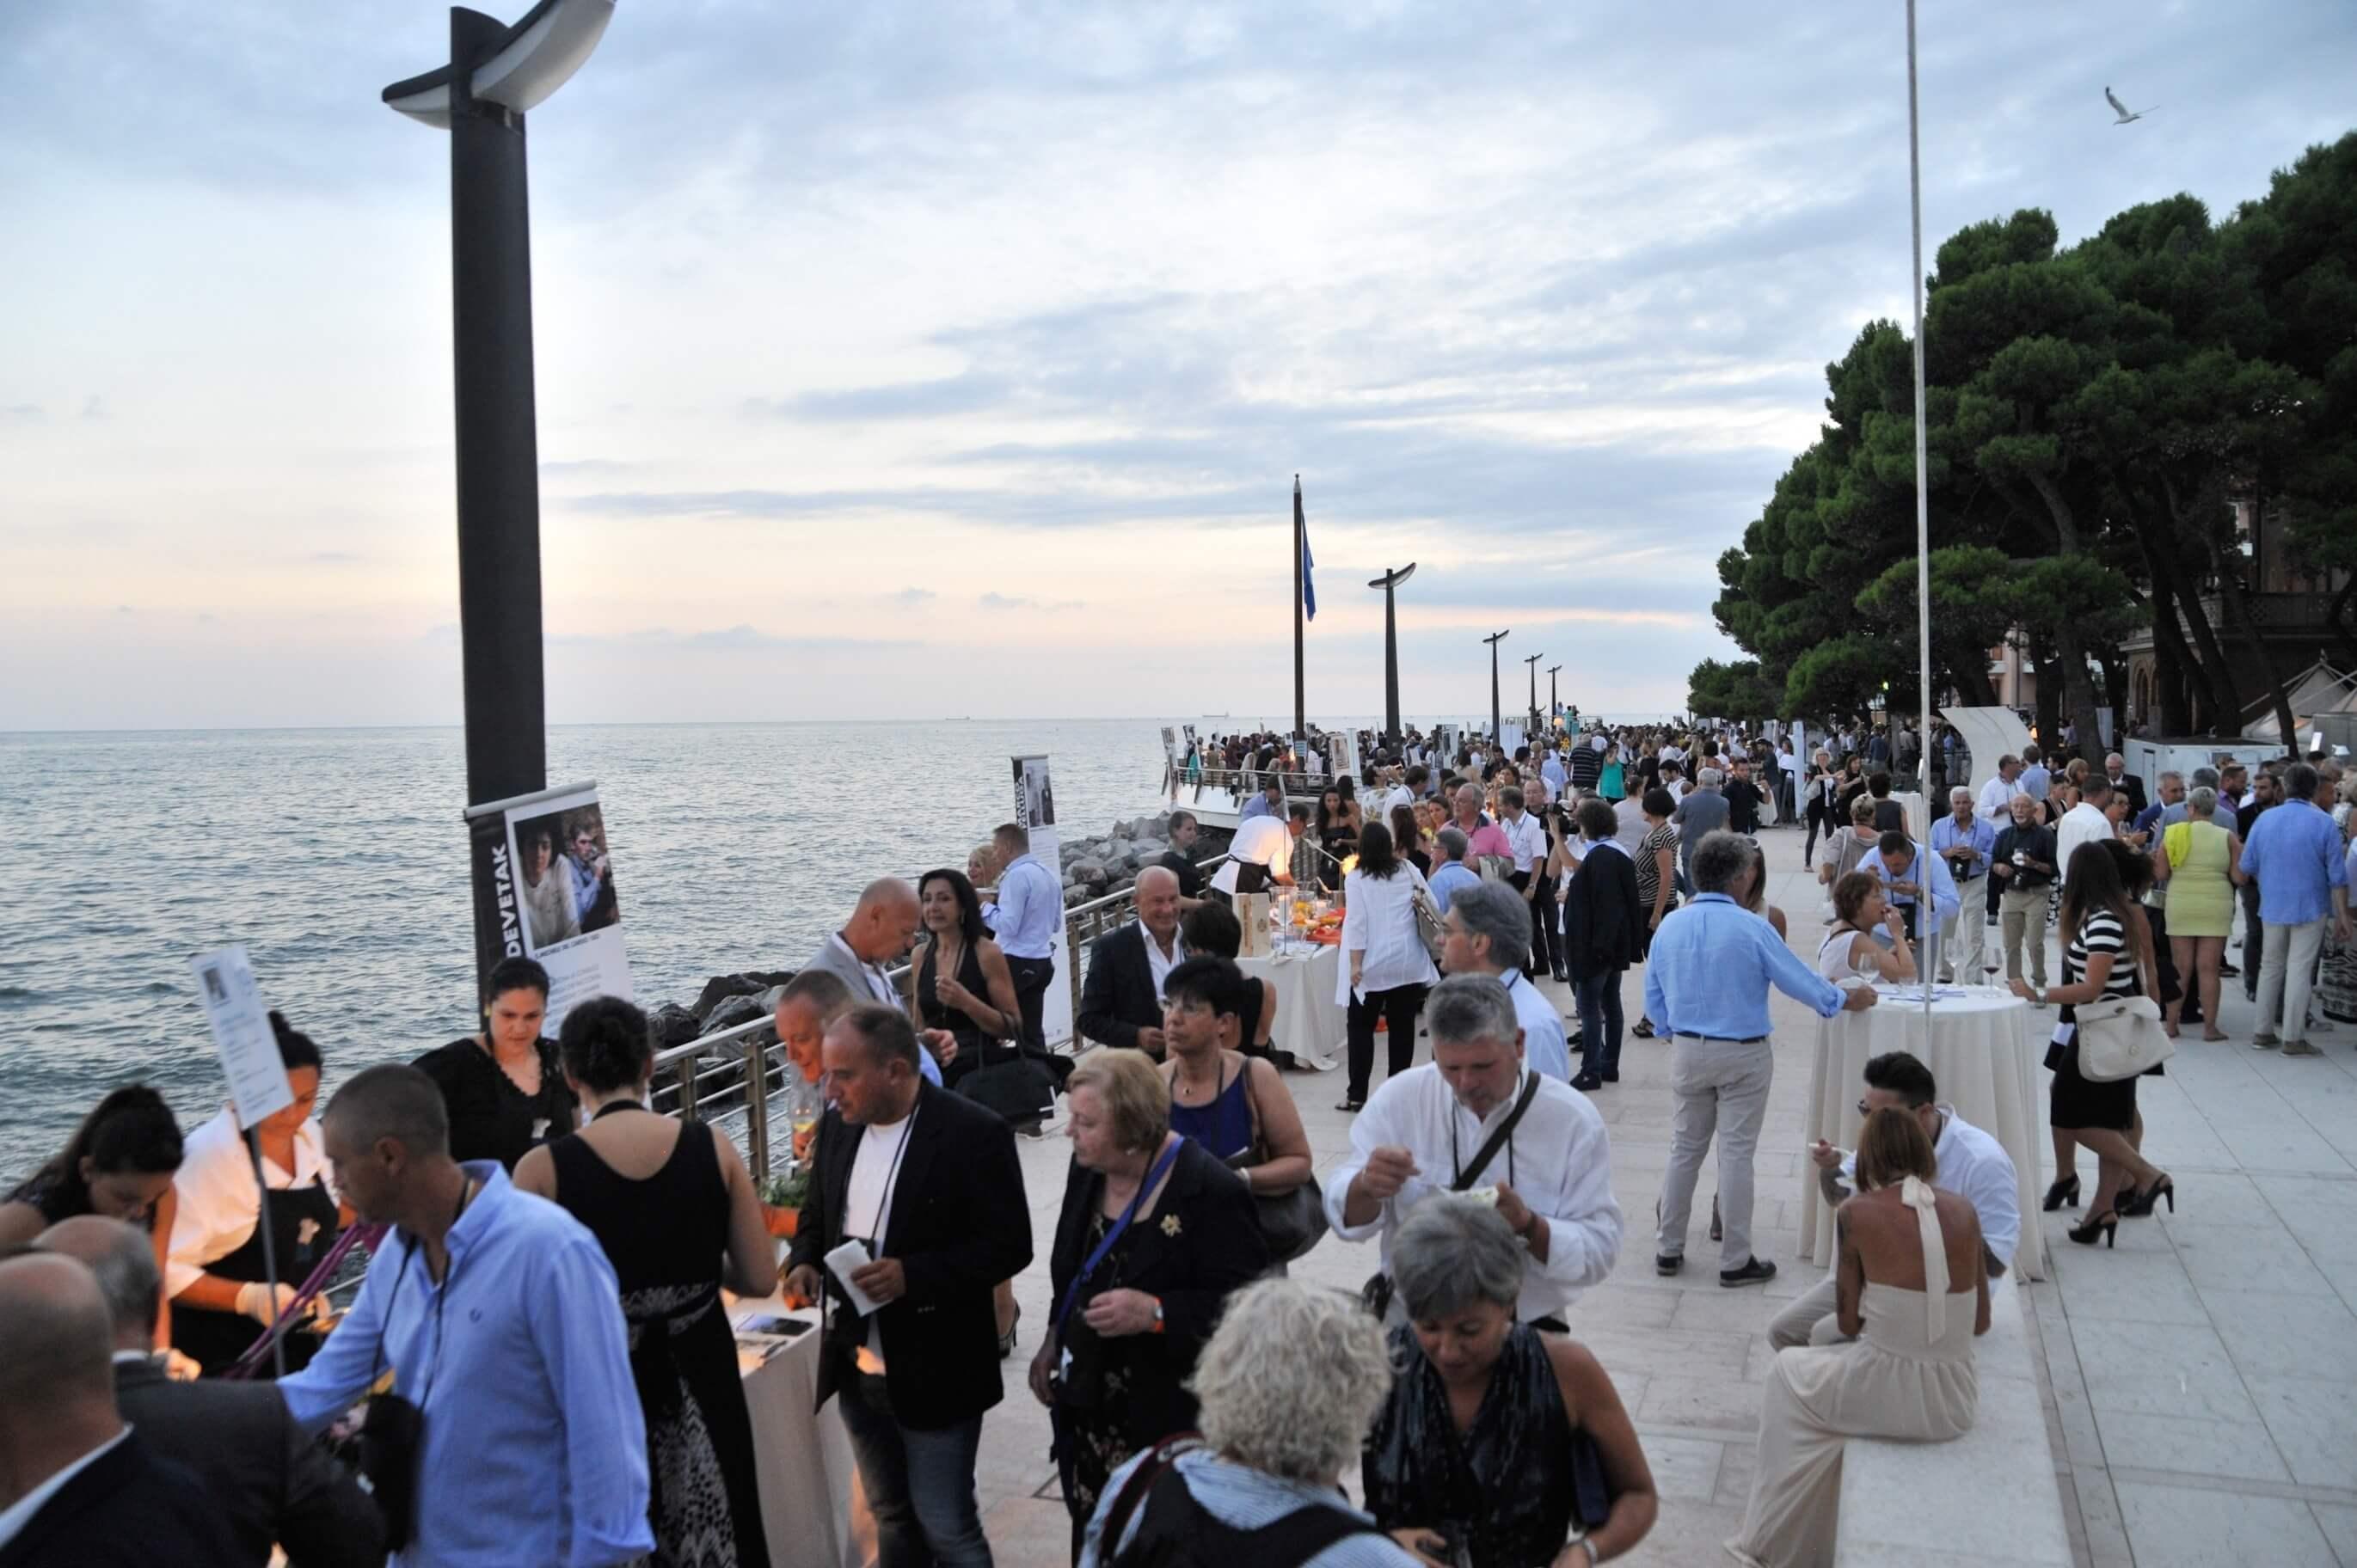 24 e 25 luglio: Duplice appuntamento a Grado con le Cene spettacolo di Friuli Venezia Giulia Via dei Sapori